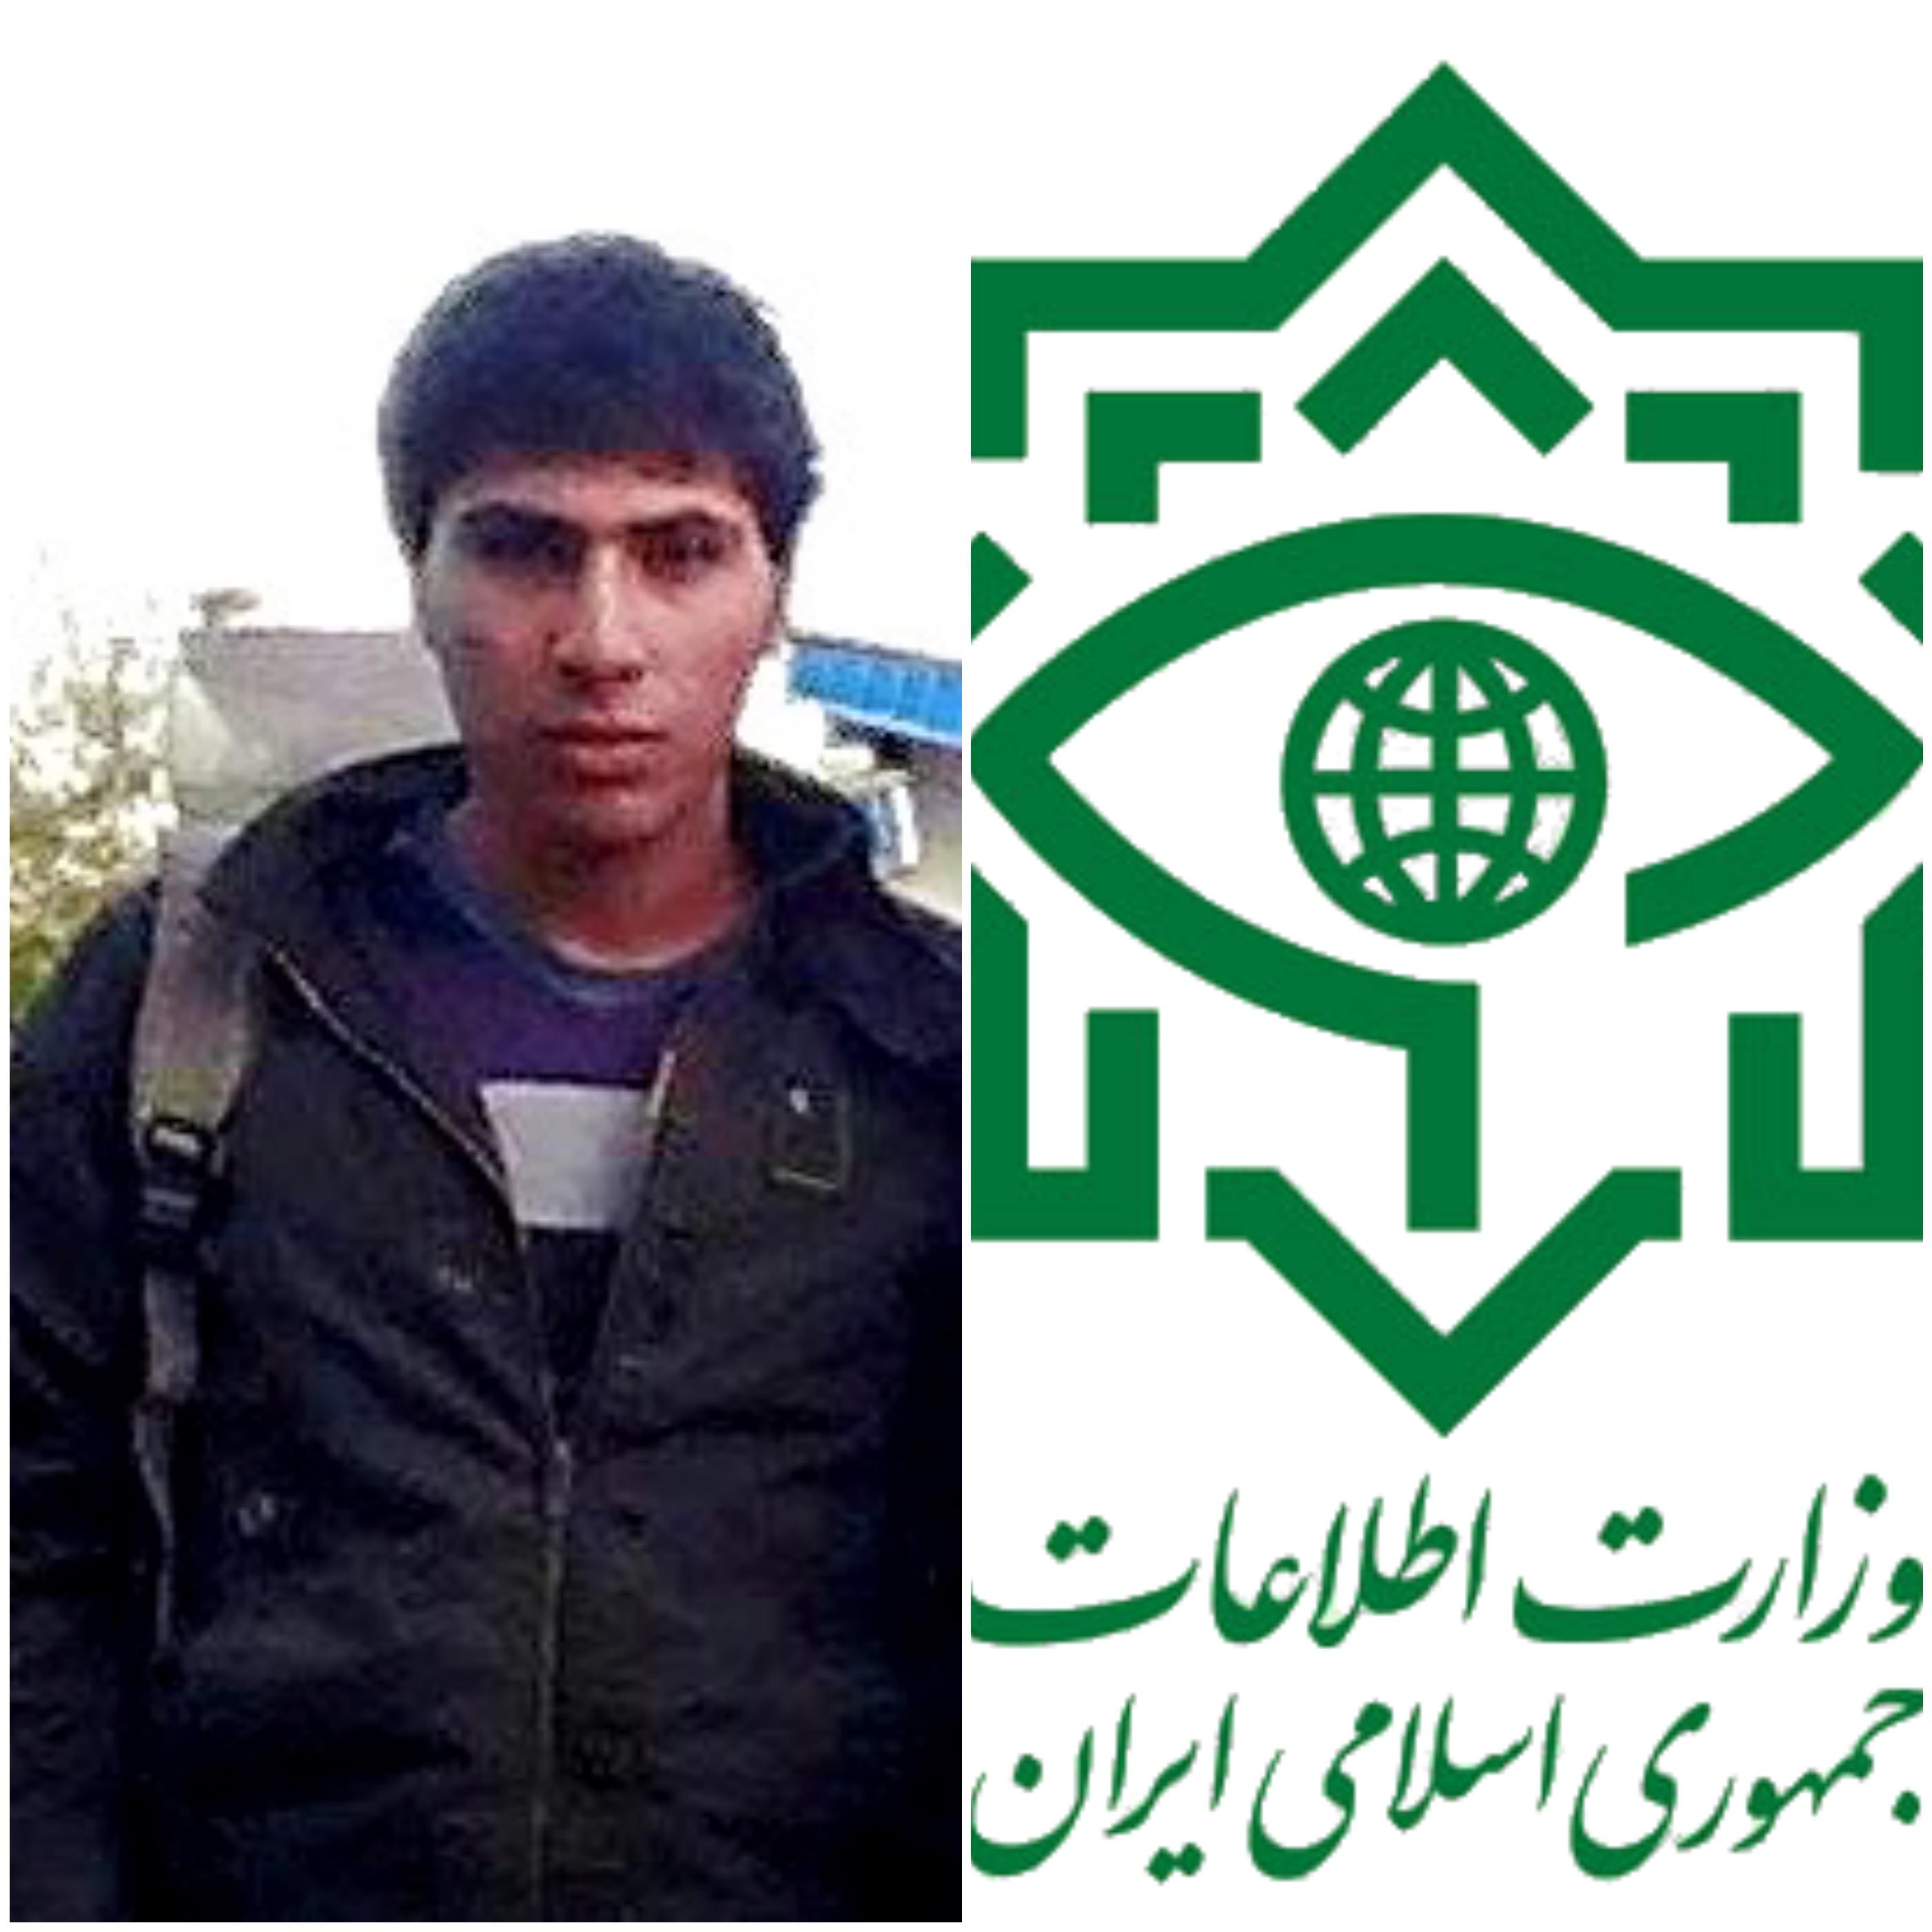 ادامه بازداشت آرش مکری در بازداشتگاە اطلاعات ارومیە